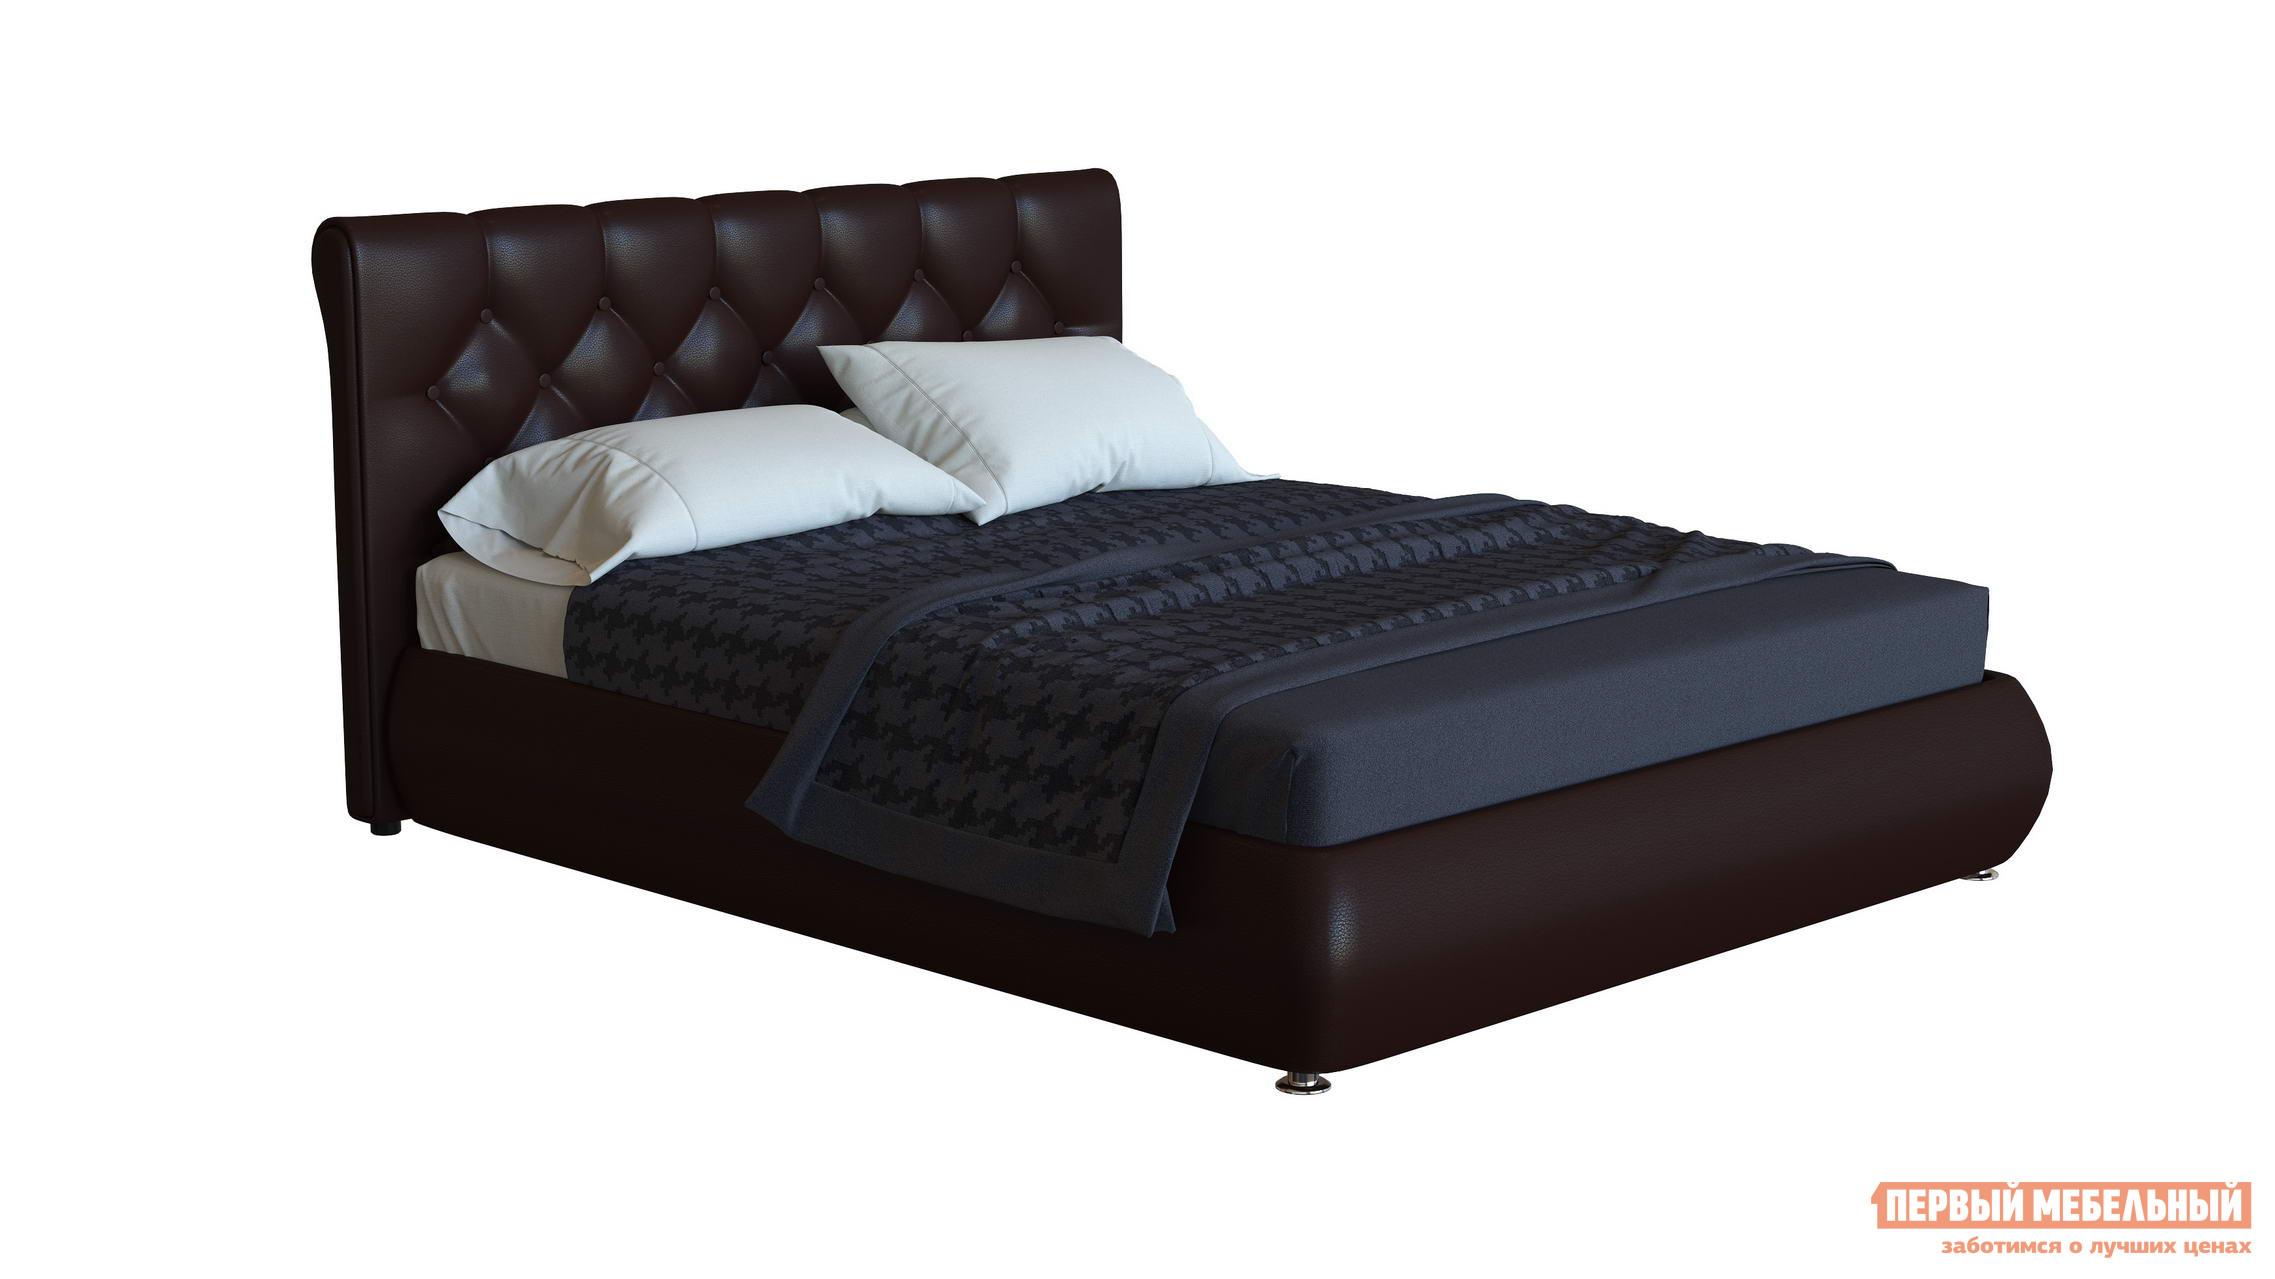 Полутороспальная кровать с пуговицами Первый Мебельный Кровать Джейн декор пуговицы 140х200 полутороспальная кровать первый мебельный кровать милана 140х200